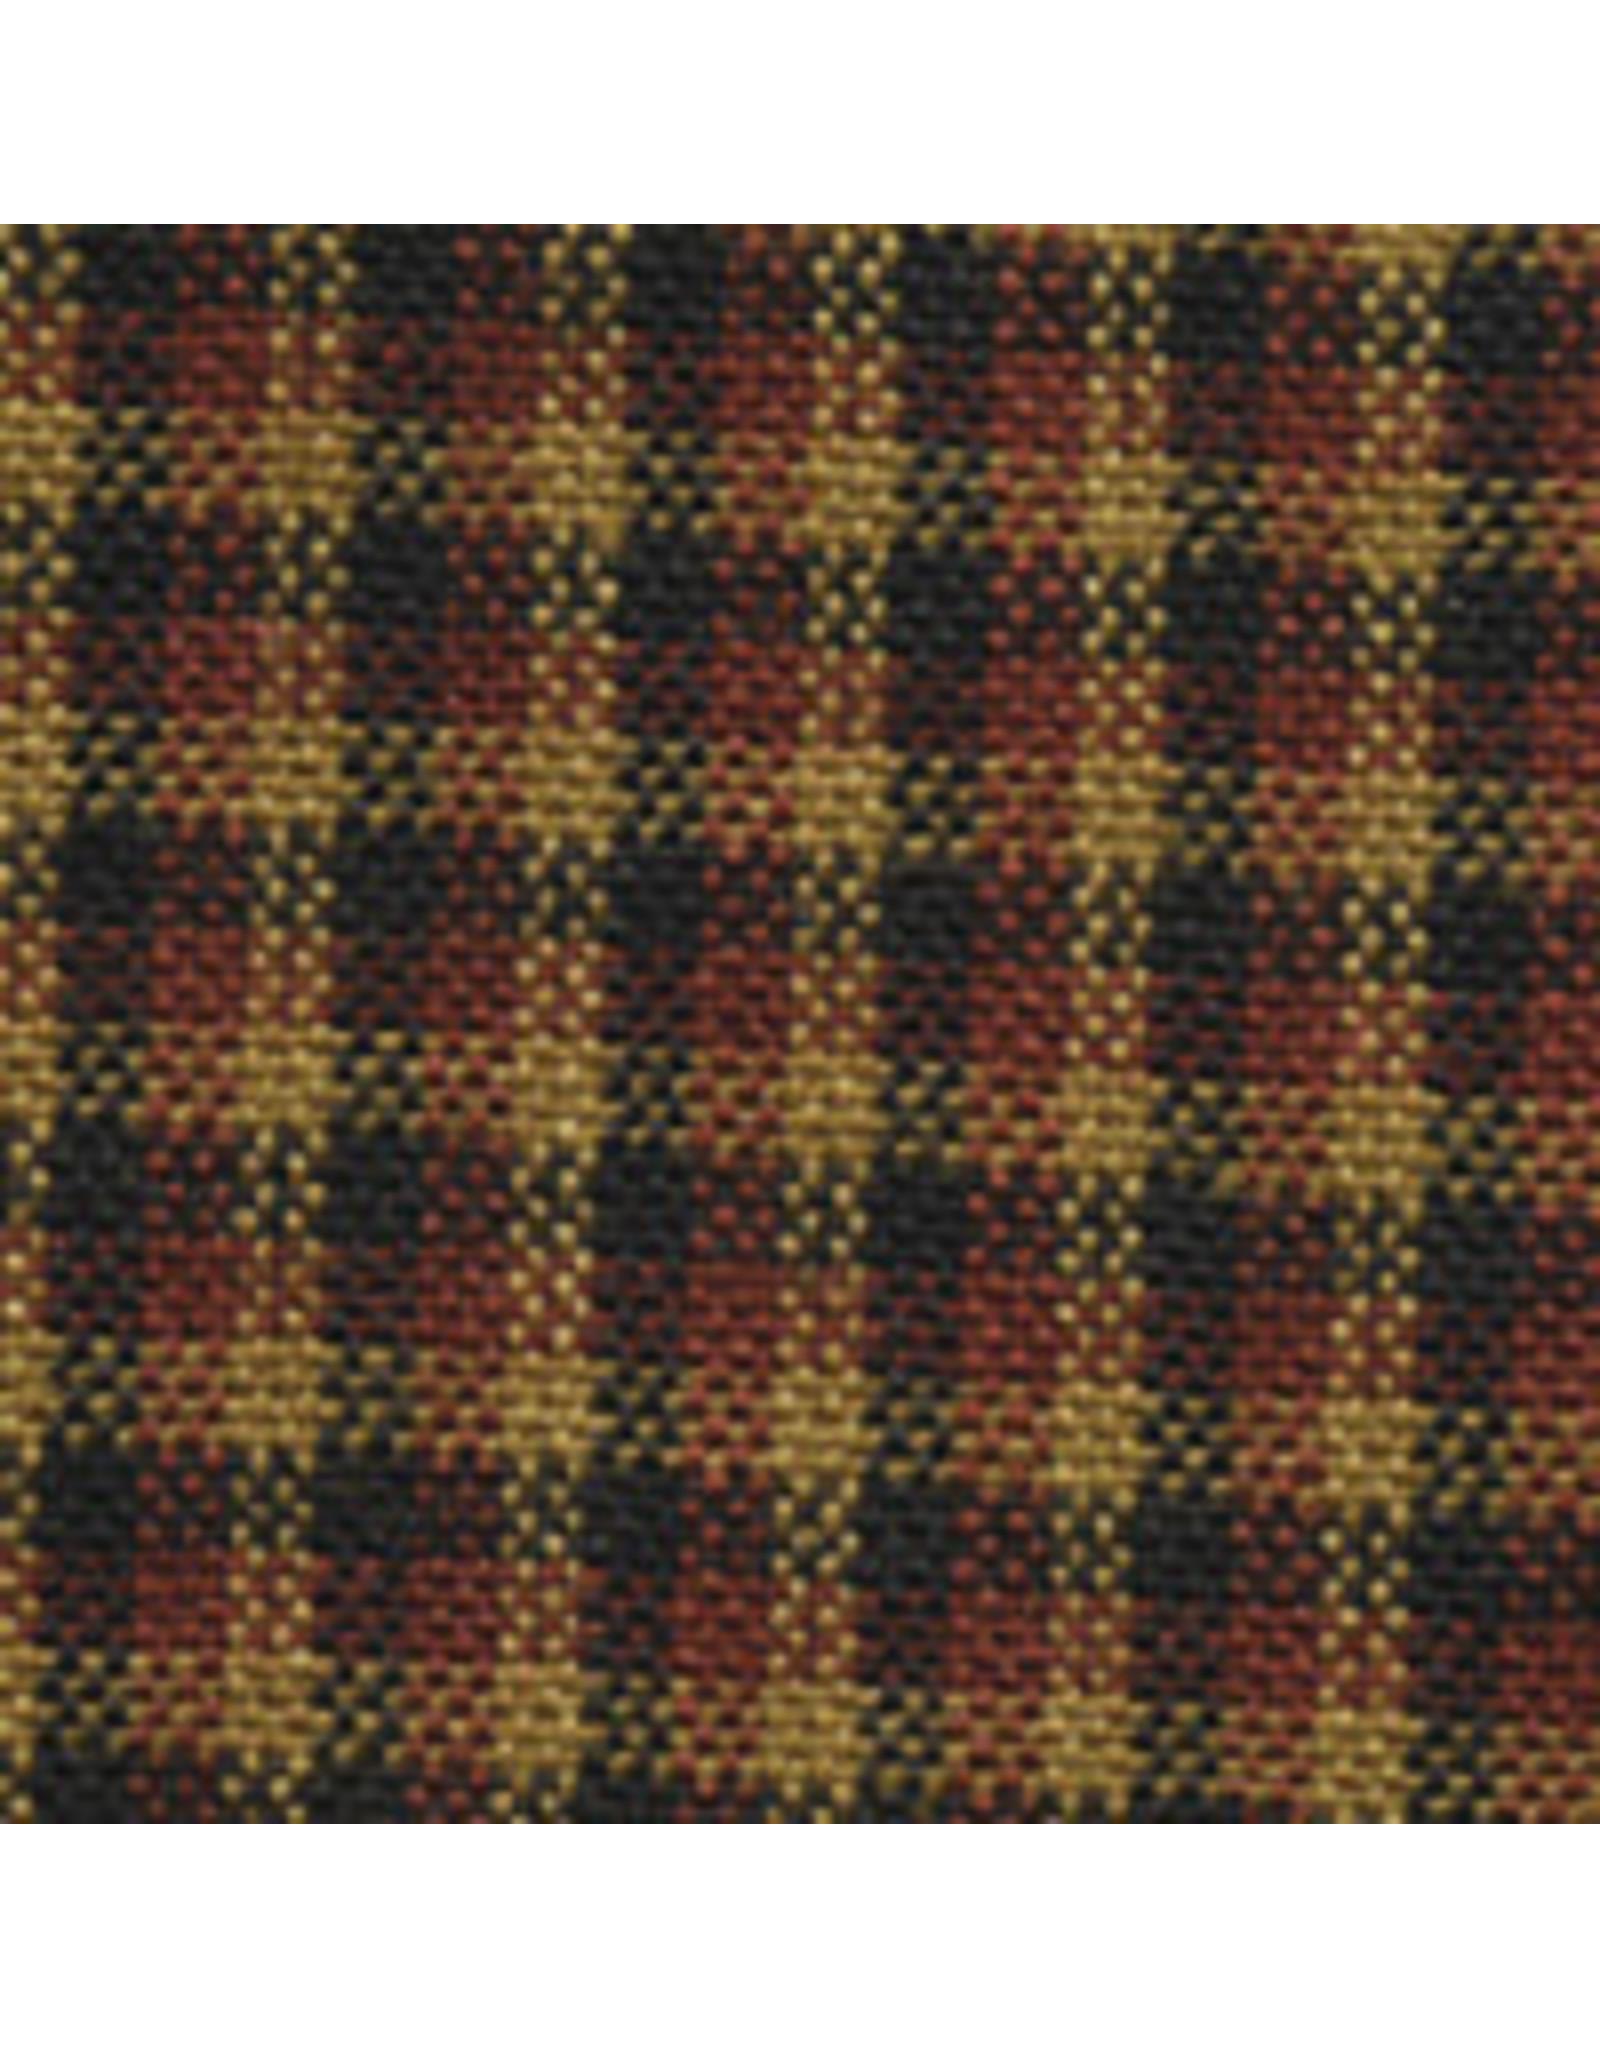 Yd. PLAID RED/BLACK COLONIAL Fabric  #3312